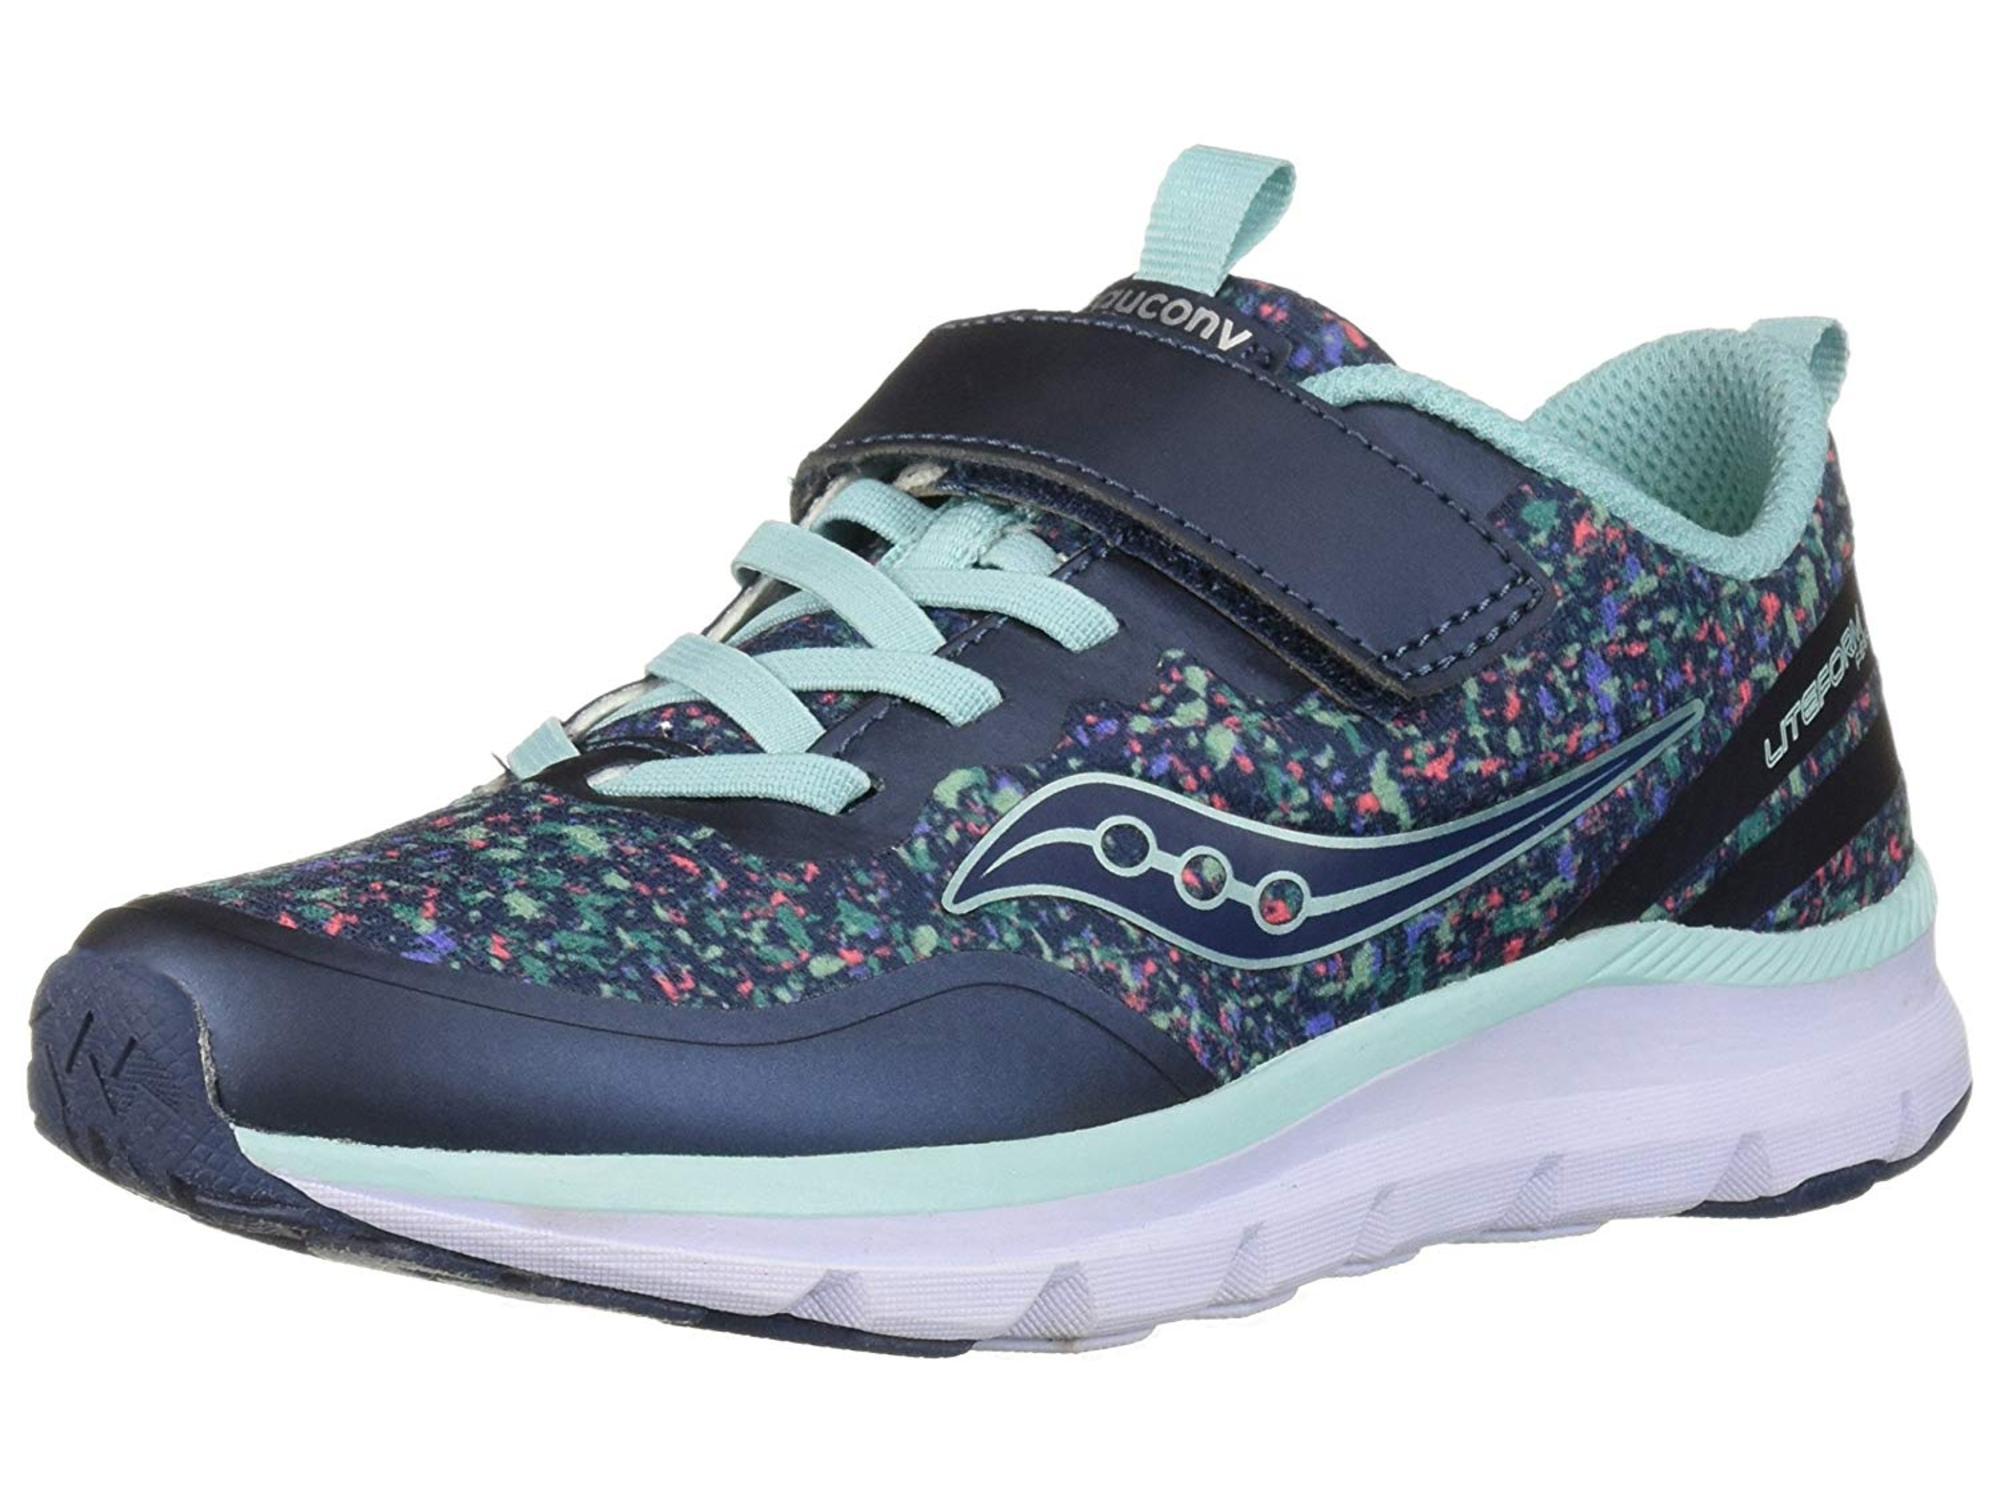 21e1ce1e Saucony Kids' Liteform Feel A/C Sneaker, Navy/Print, Size 11 W Us Little Kid